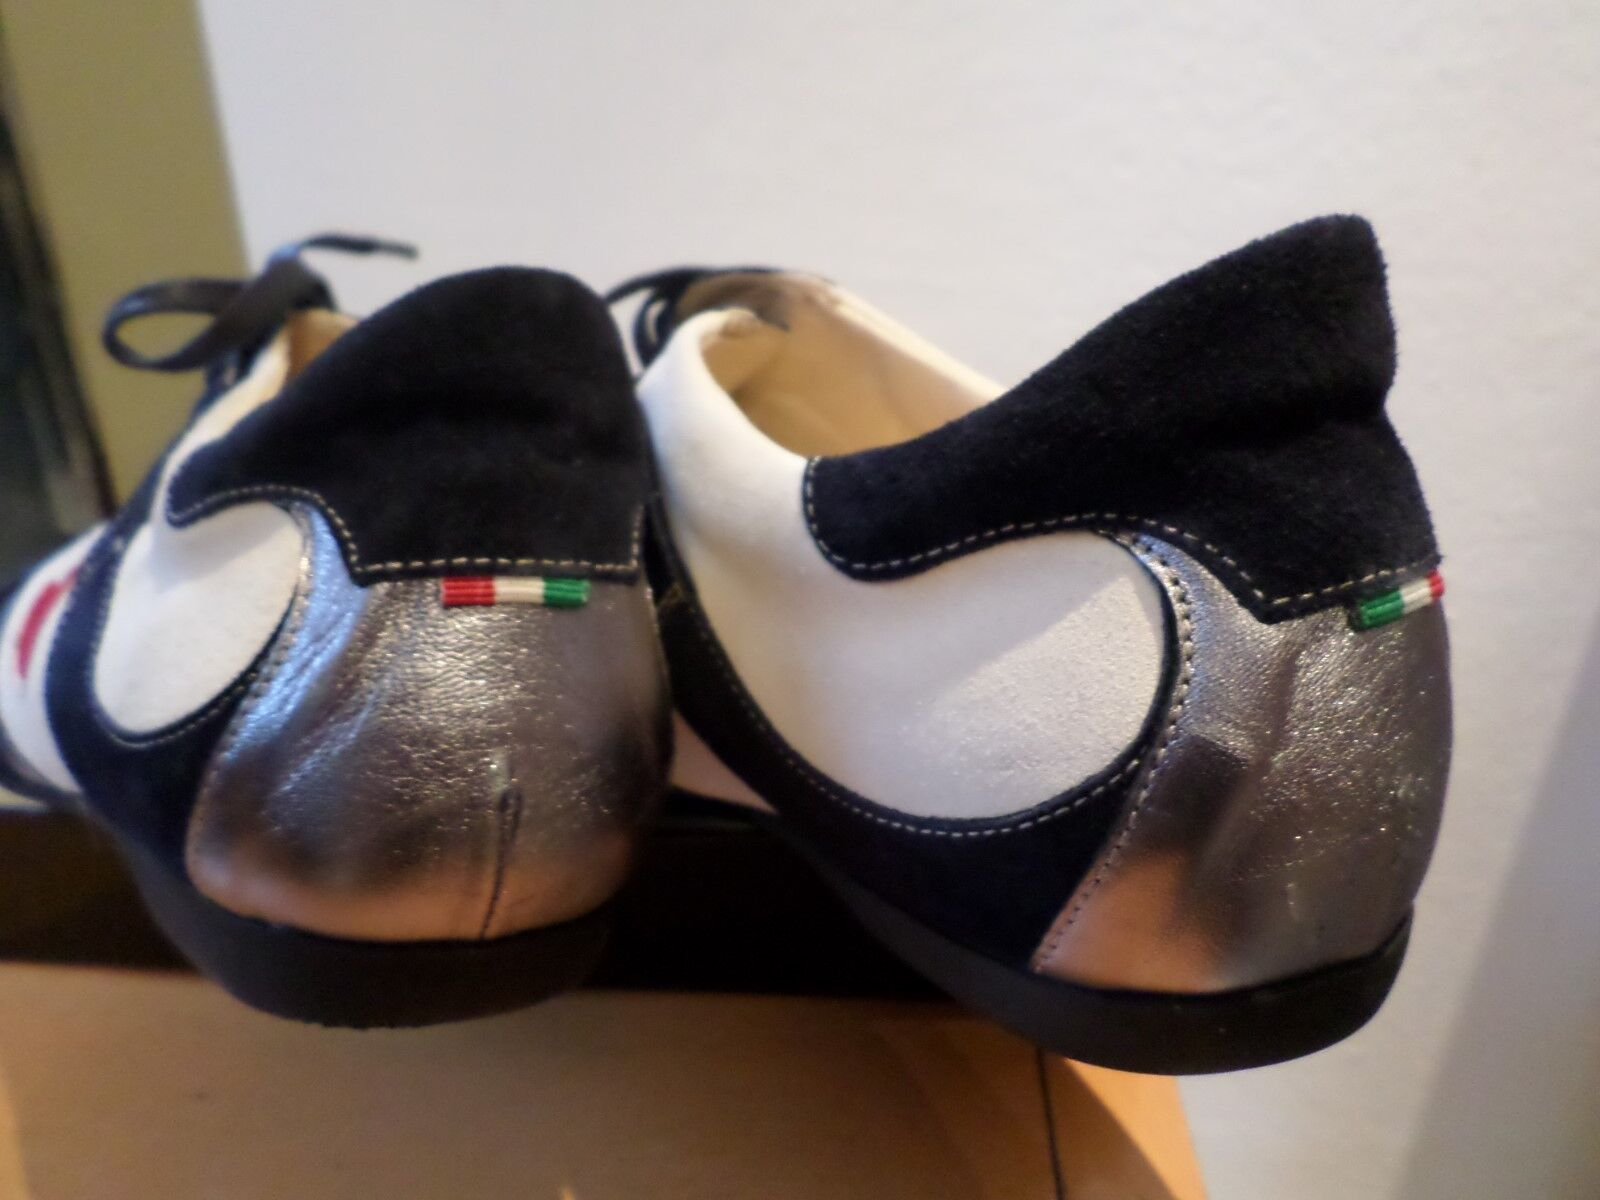 Zapatos Zapatos Zapatos ANGELO CAROLI PERSONAL zapatos 83272d